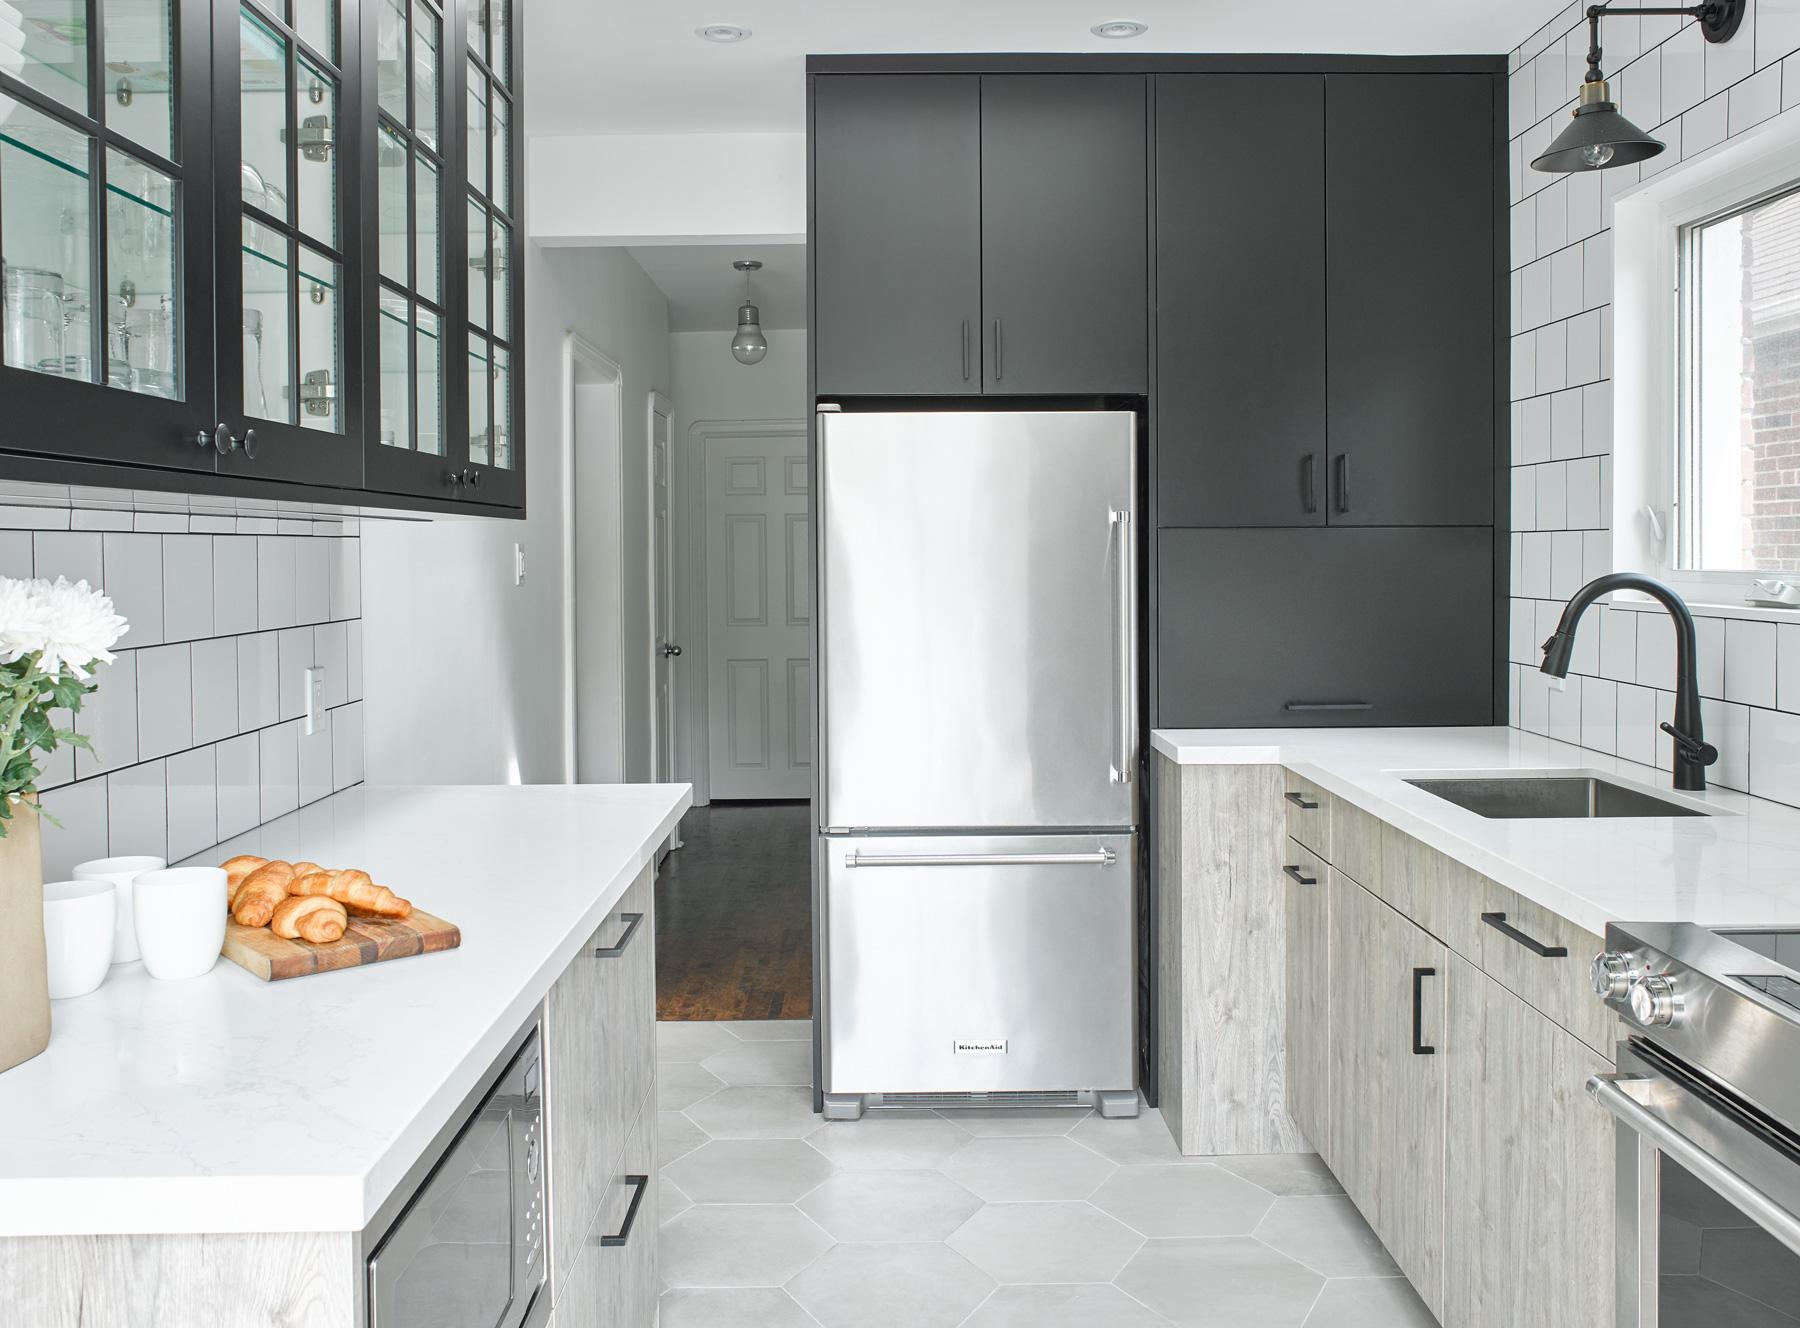 Modern Industrial Kitchen Style